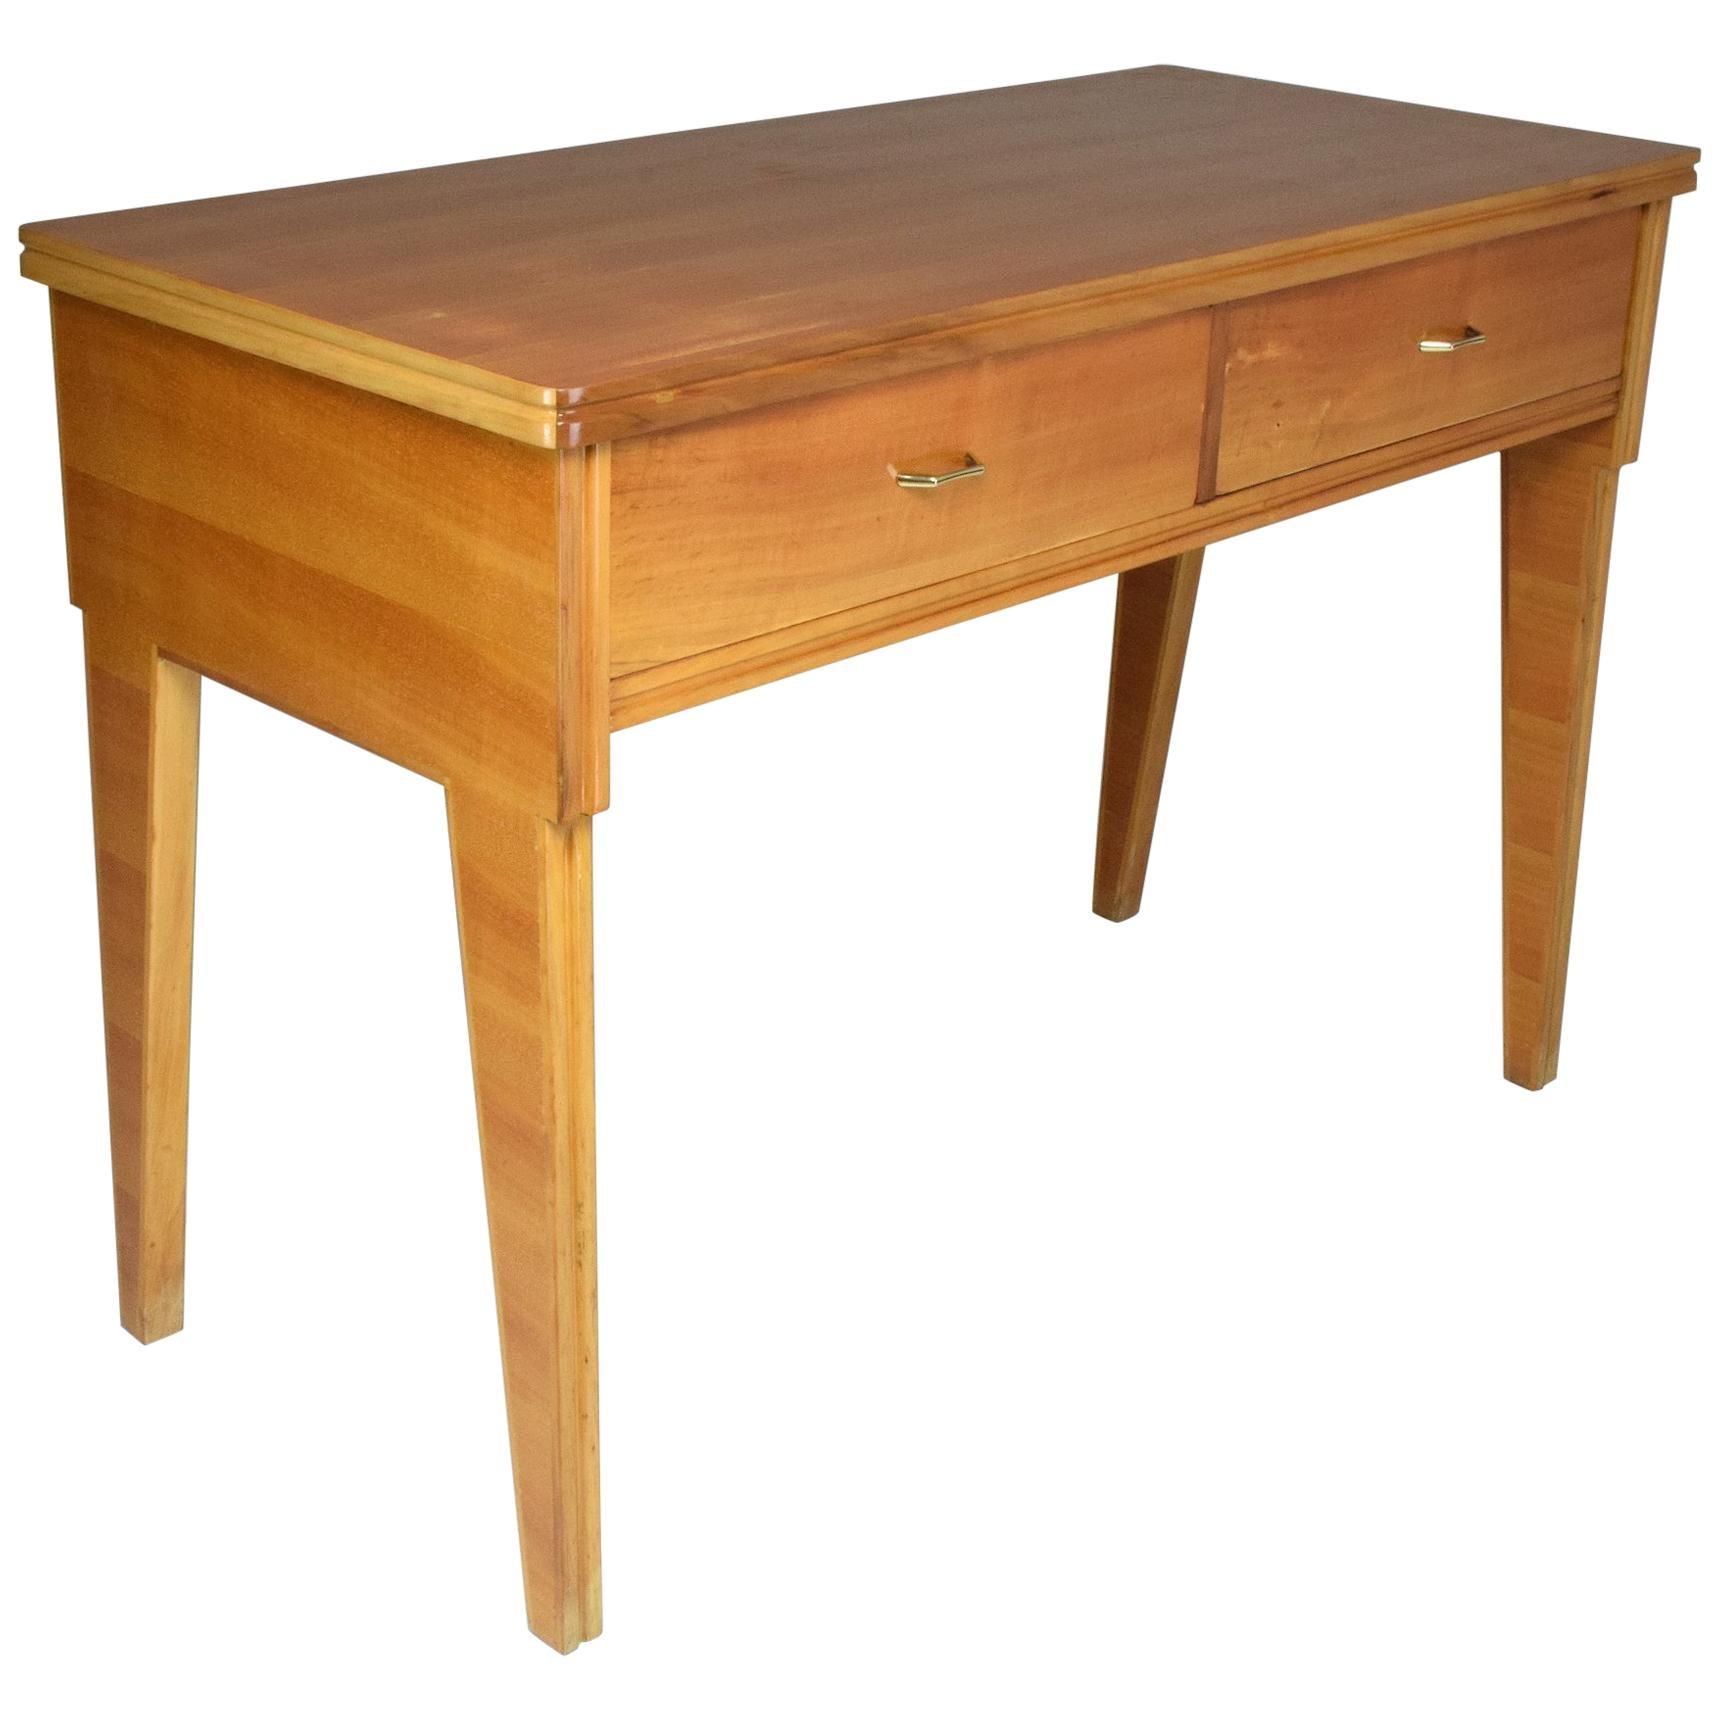 Italian Midcentury Cherry Desk, 1950s